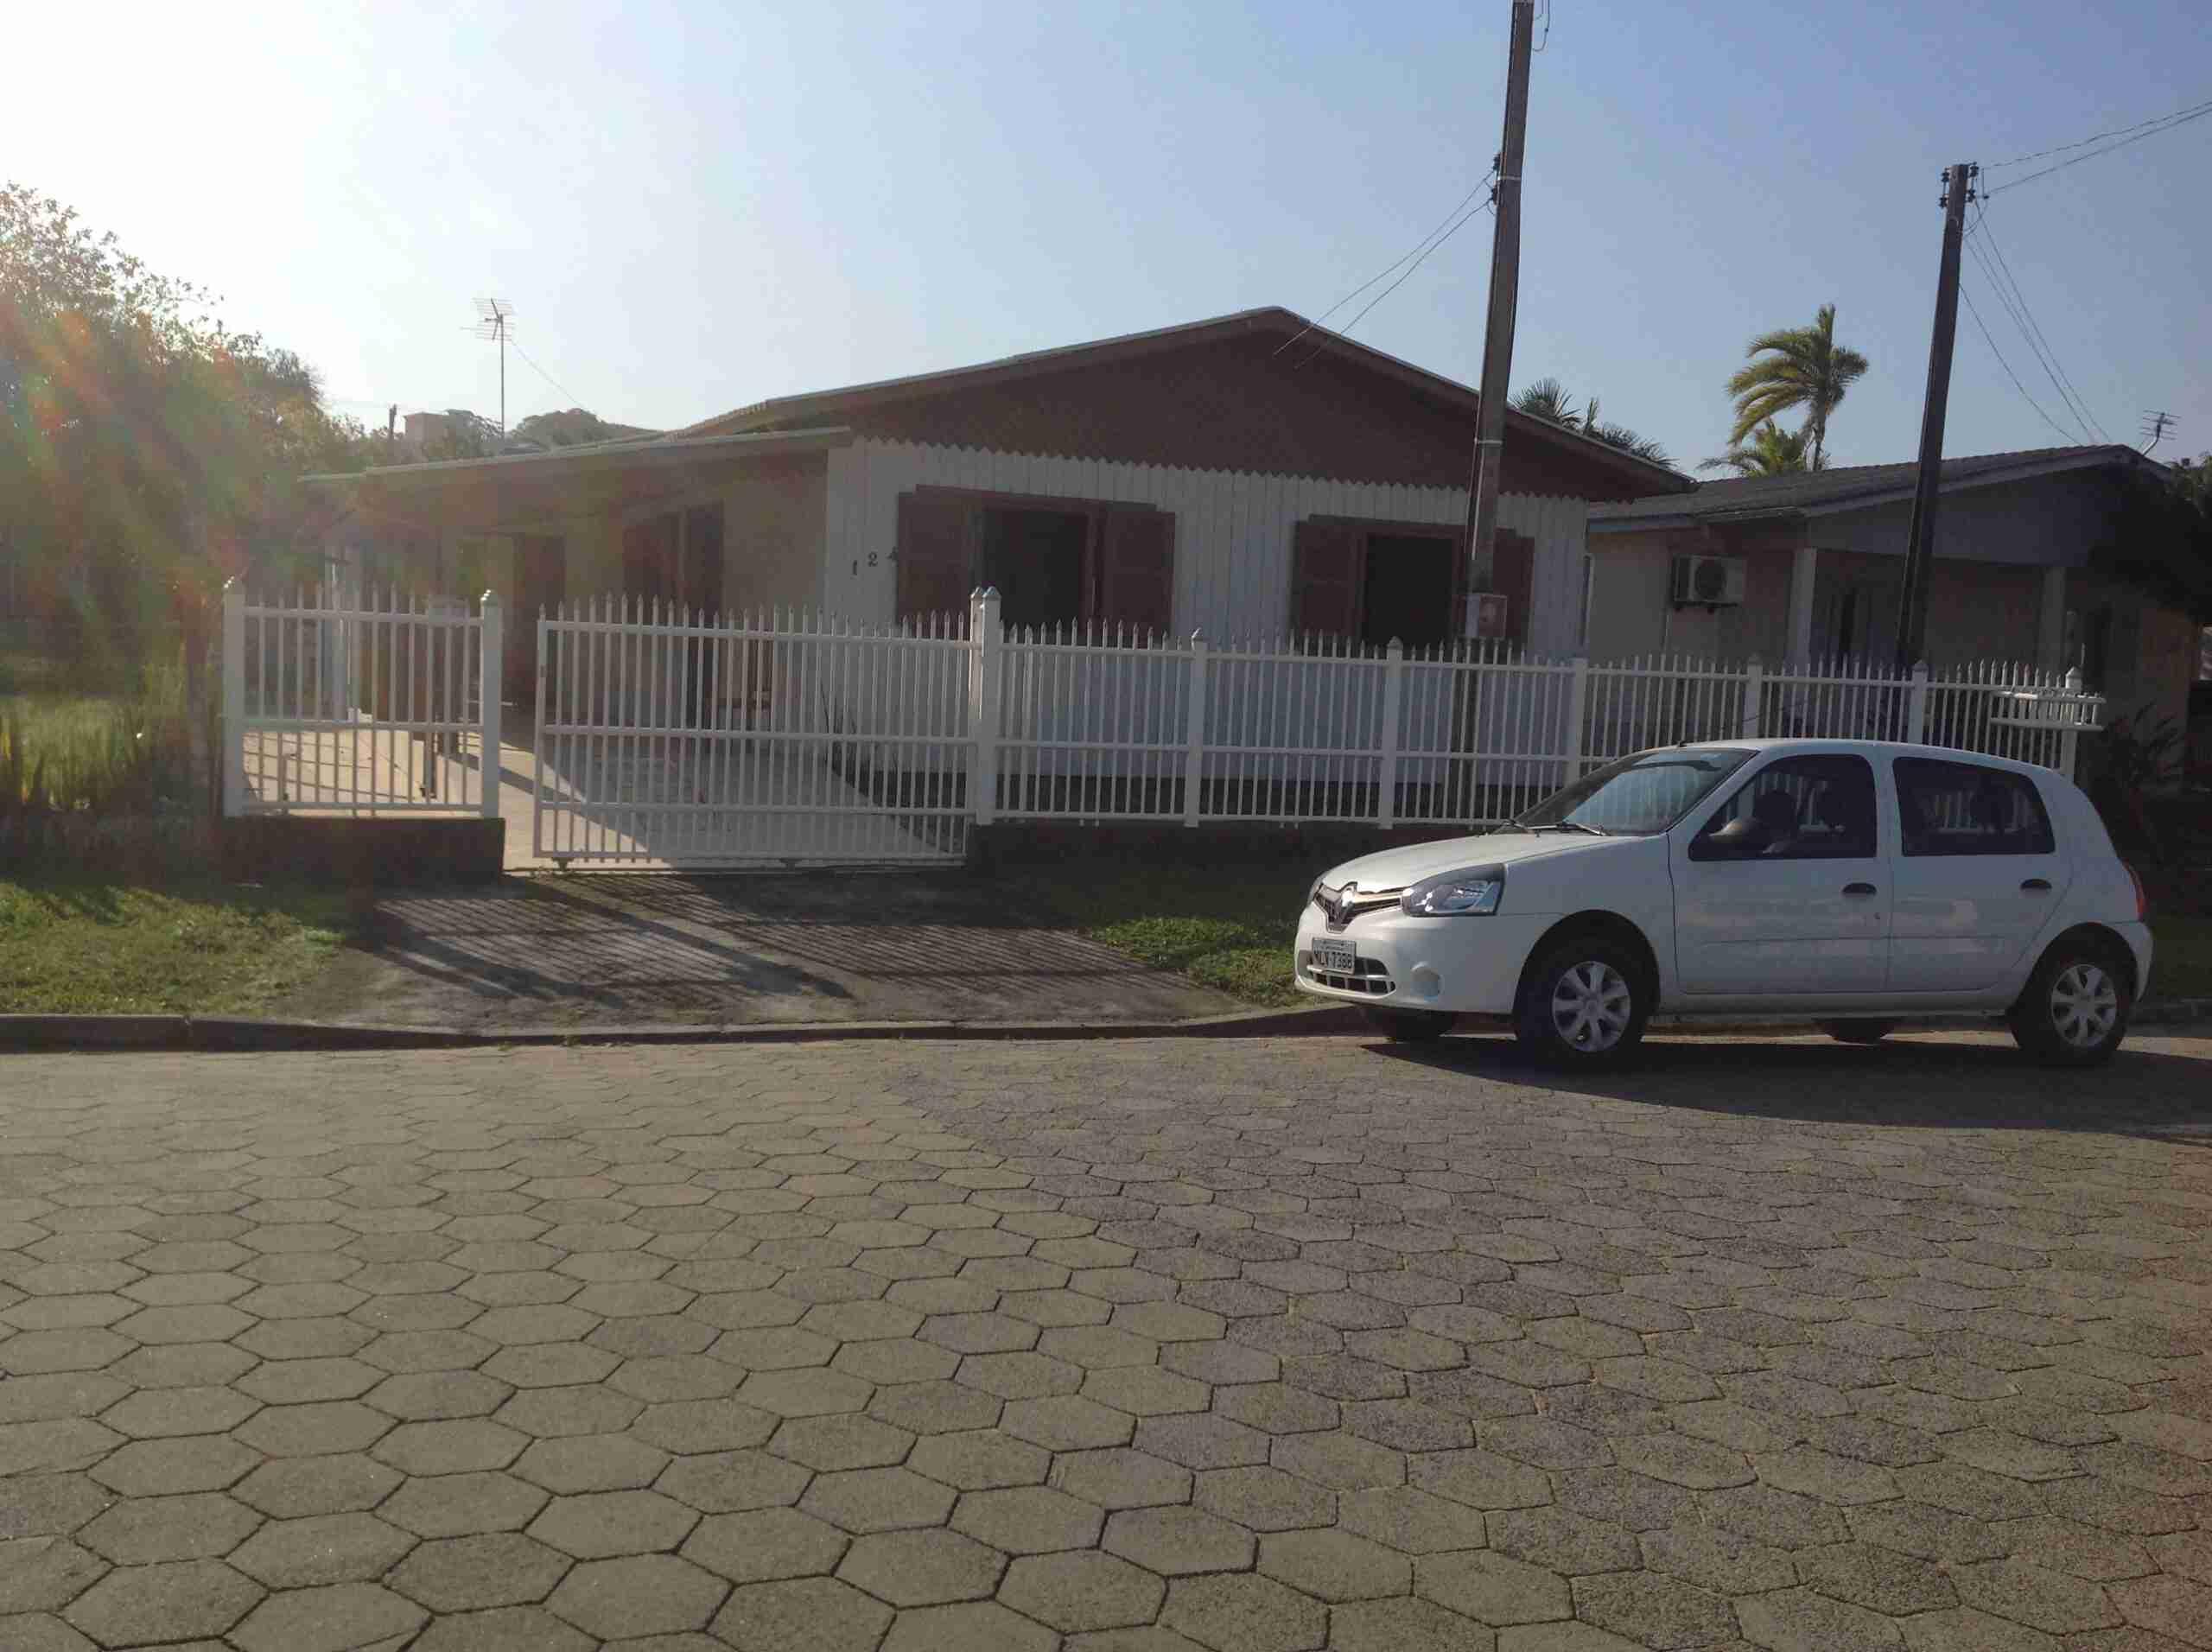 Imóvel ( 147 )Casa mista 165 m2 cozinha, sala,3 dormitórios,banheiro área de serviço,área anexa c/ garagem p/ 2 carros obs: toda mobilhada